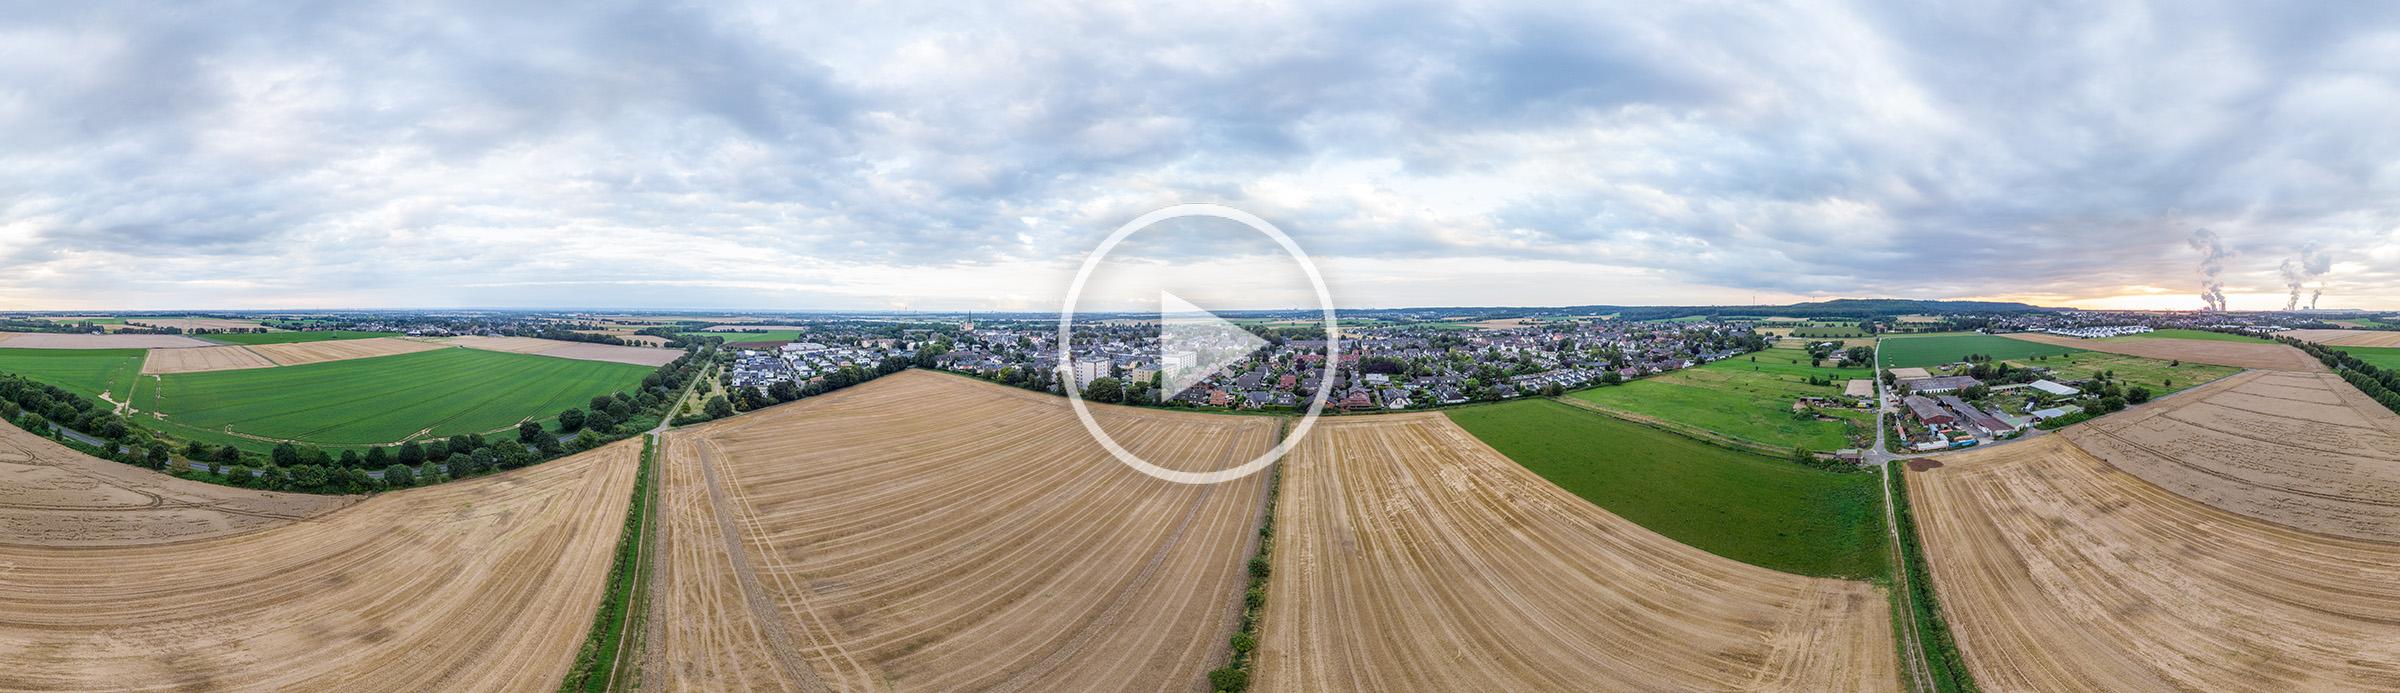 Pulheim-Brauweiler Luftbild